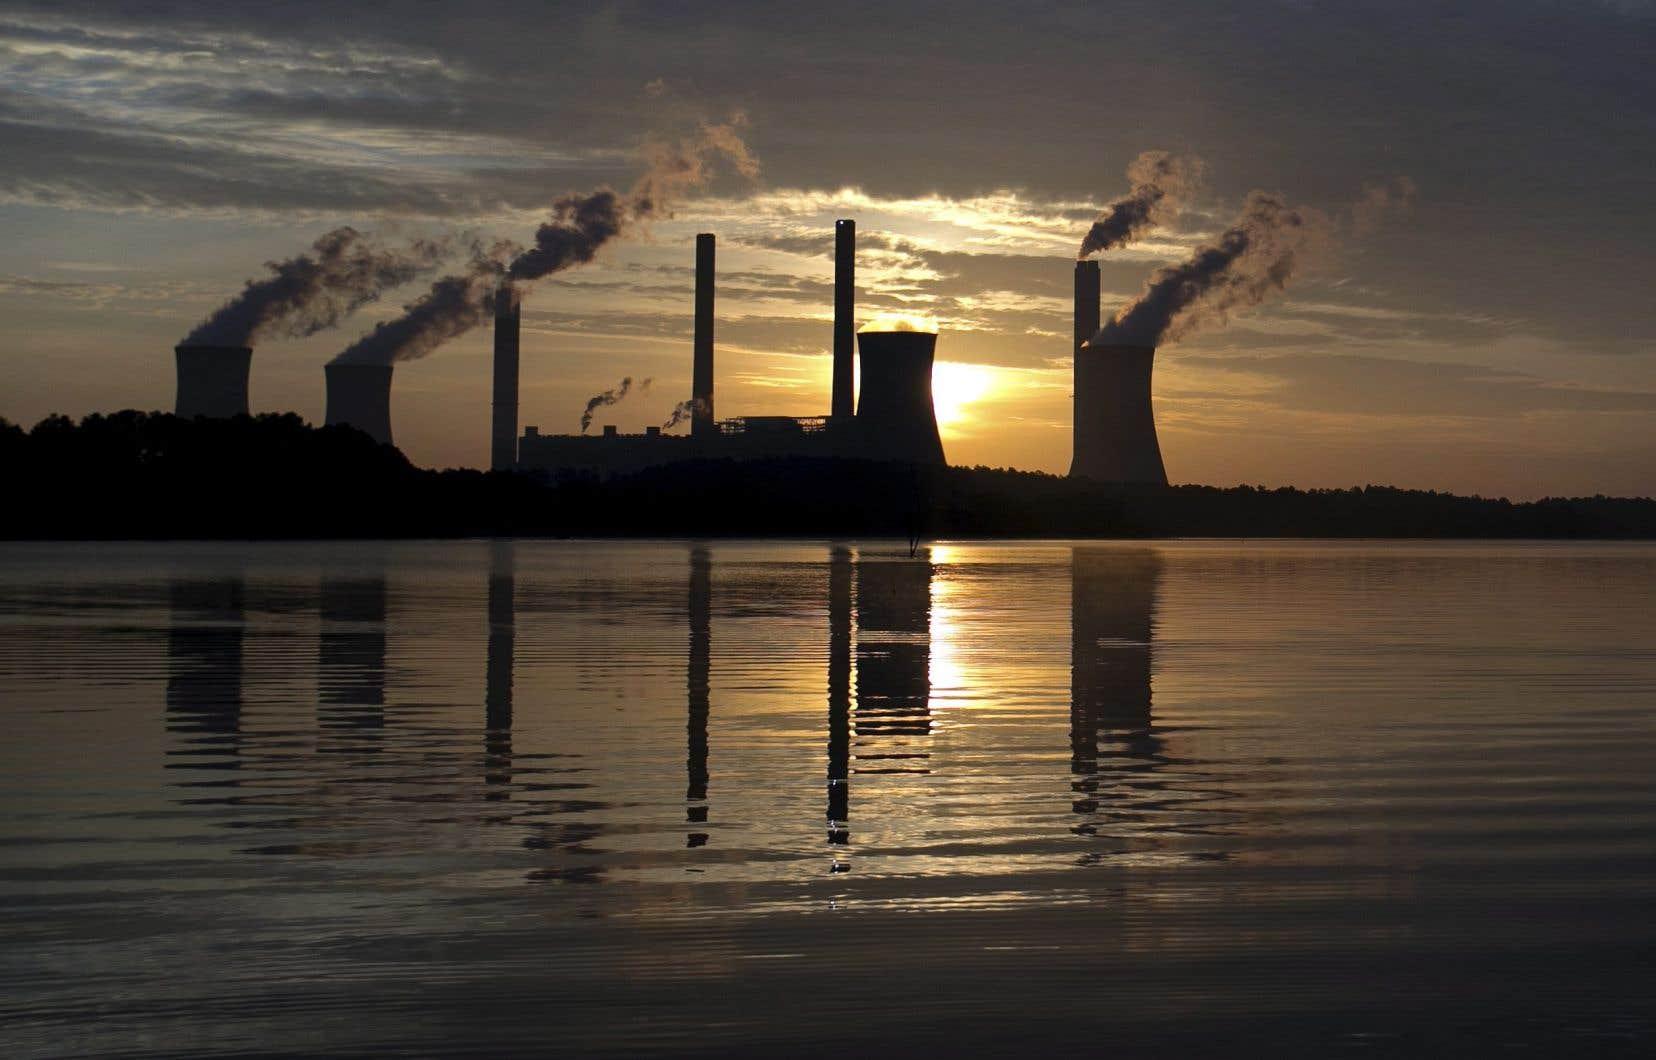 Les émissions liées à l'activité humaine ont fait grimper les niveaux de CO2 de plus de 40% en un siècle et demi.